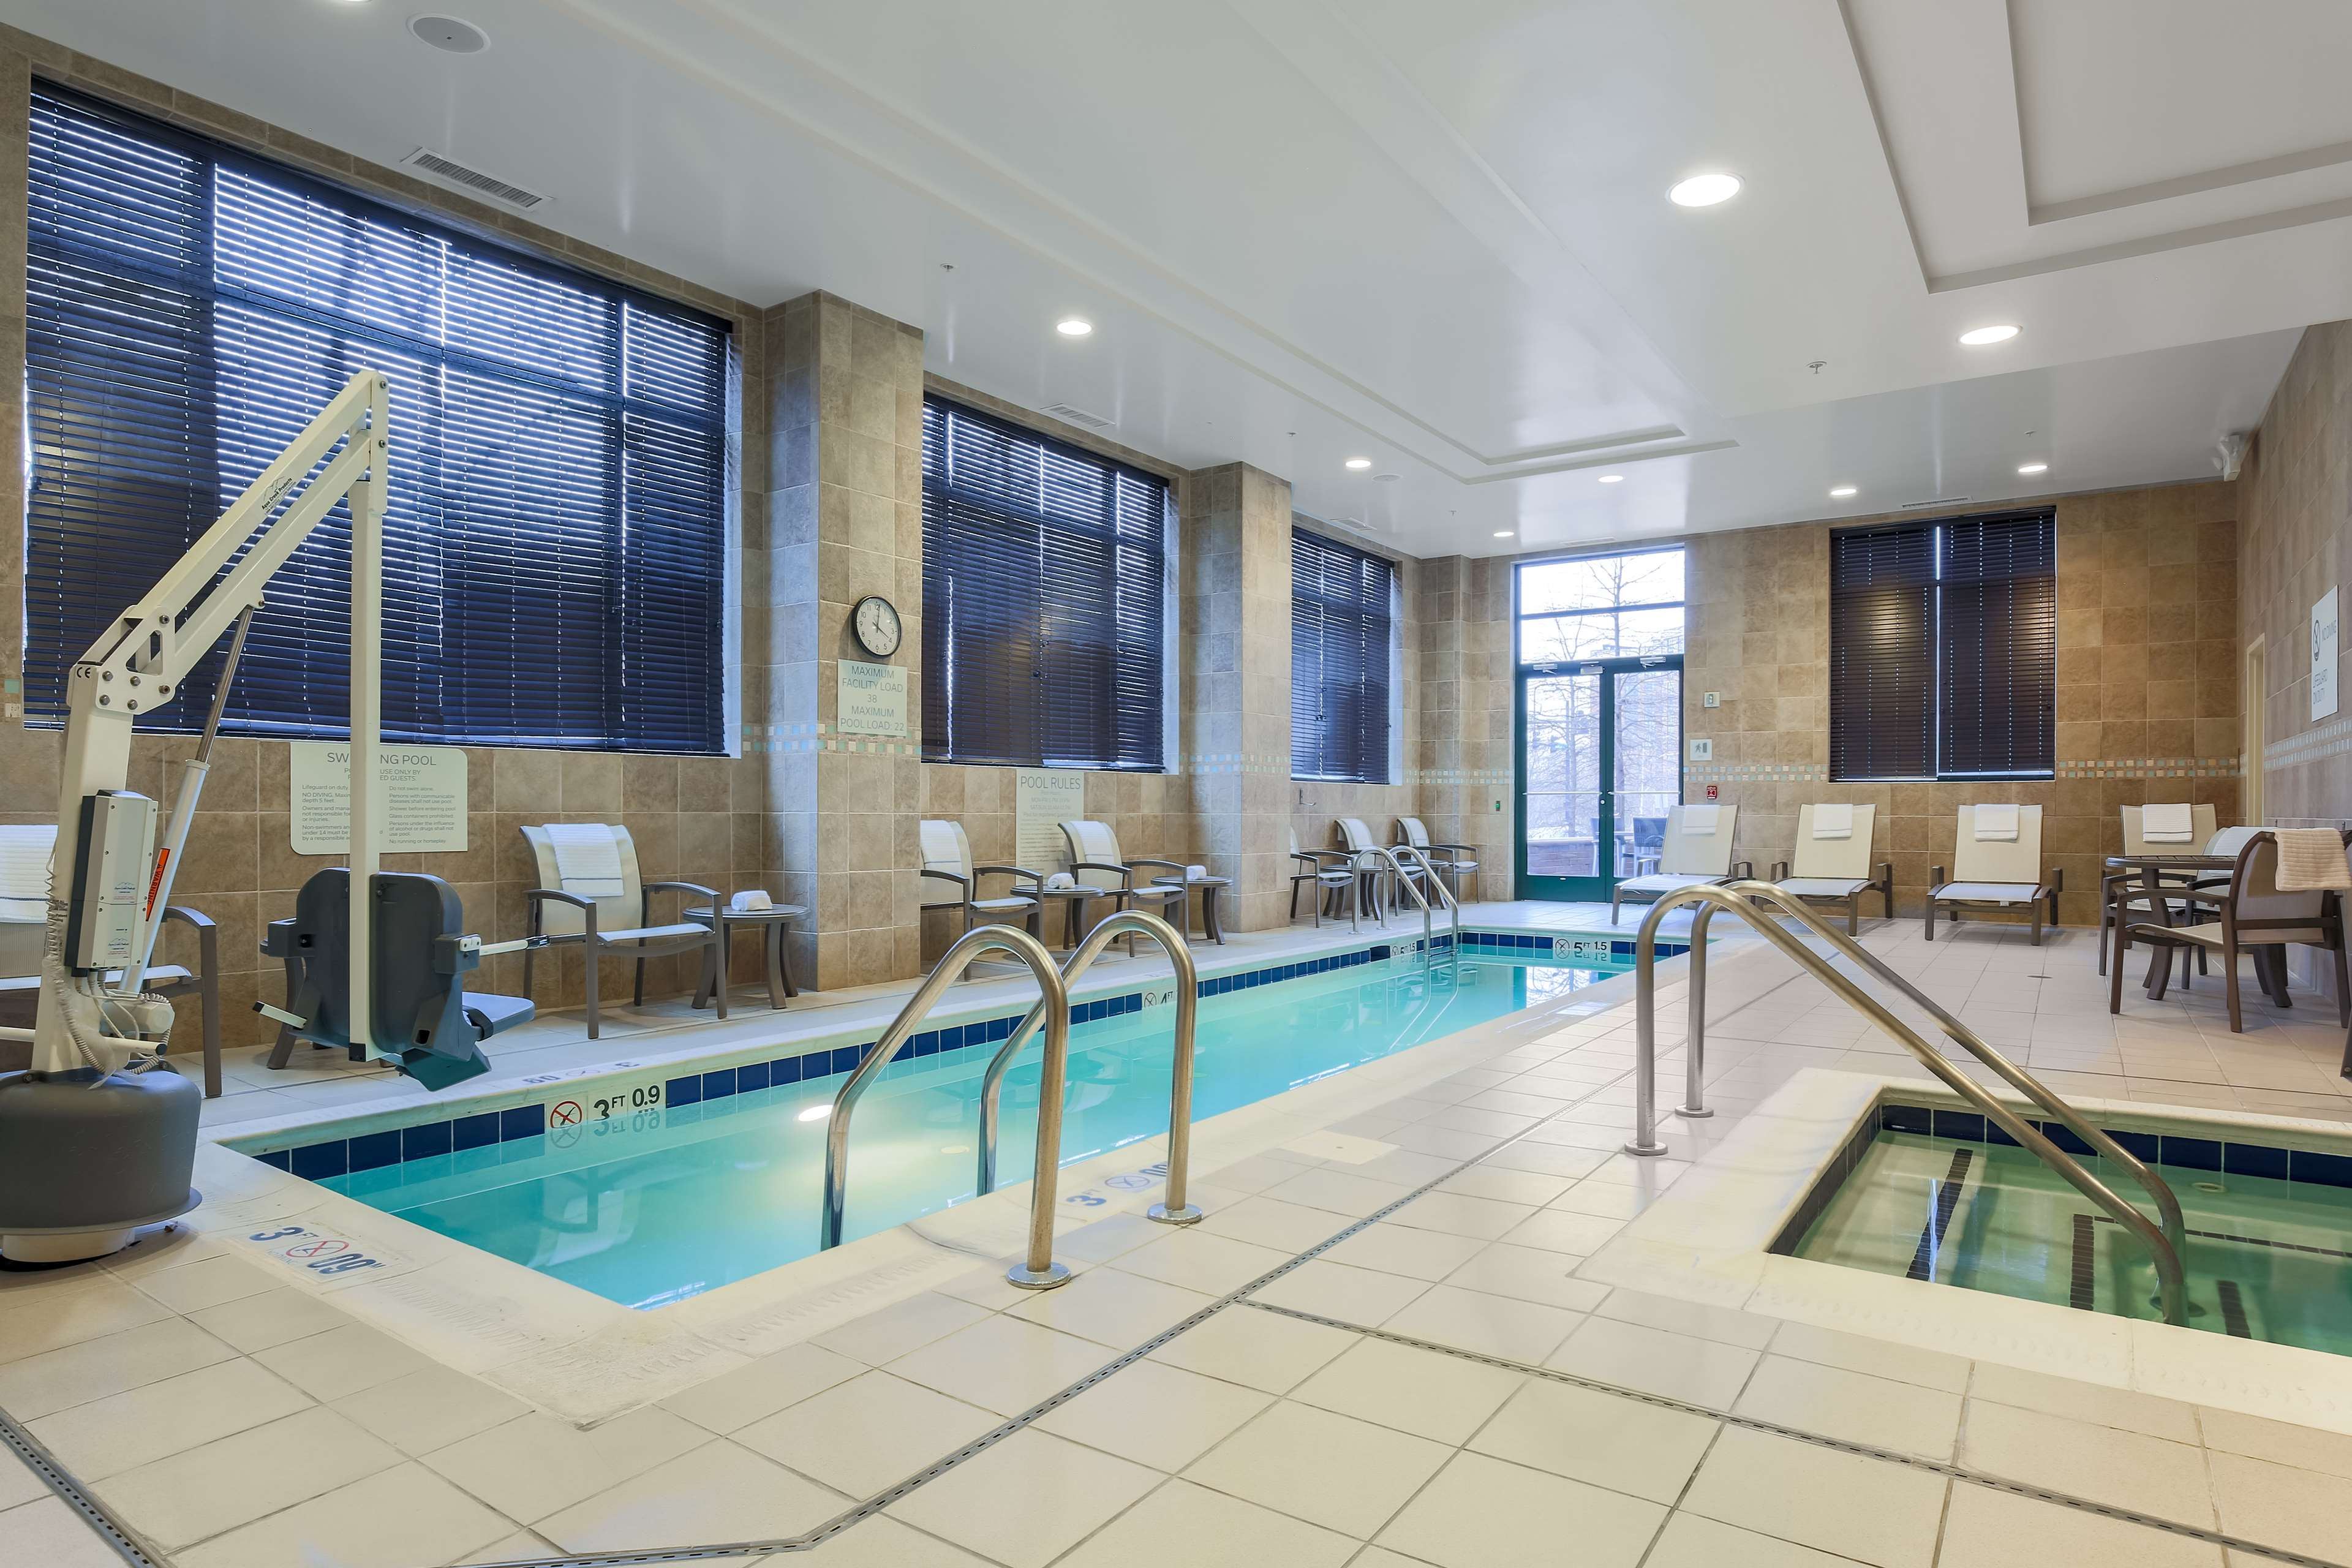 Hilton garden inn arlington shirlington arlington - Hilton garden inn arlington shirlington ...